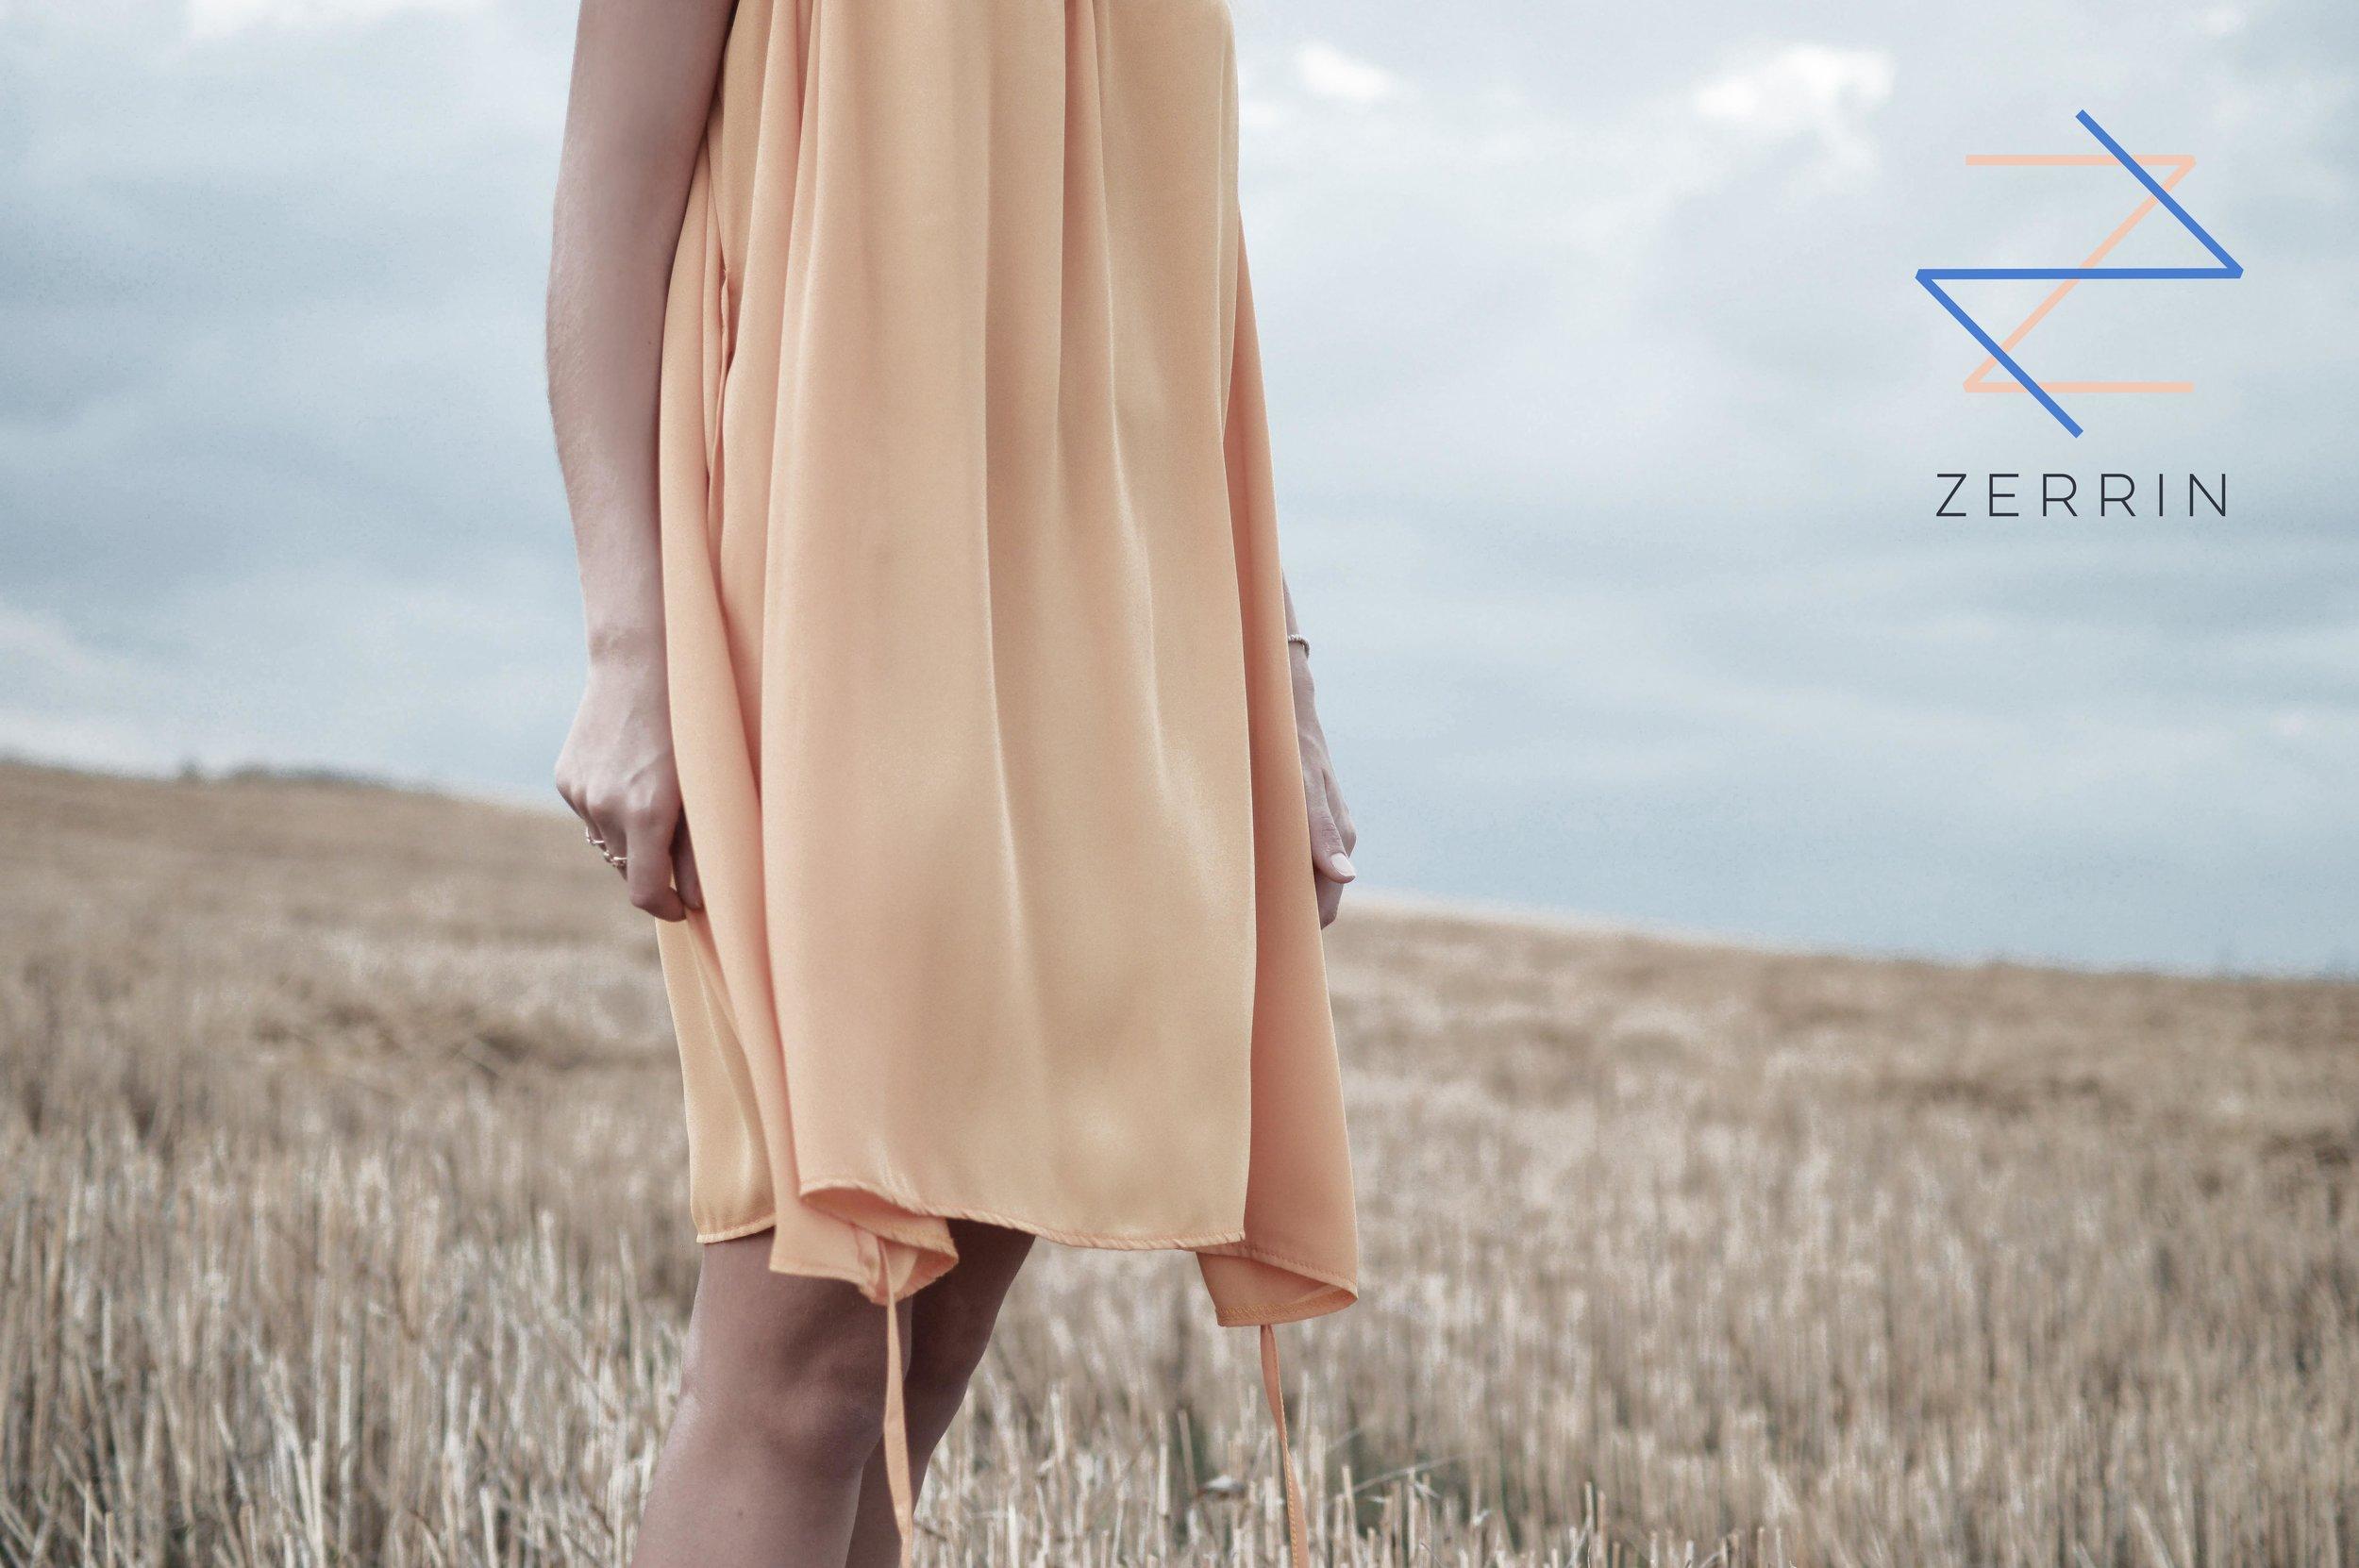 Zerrin+Dress+copy2.jpg